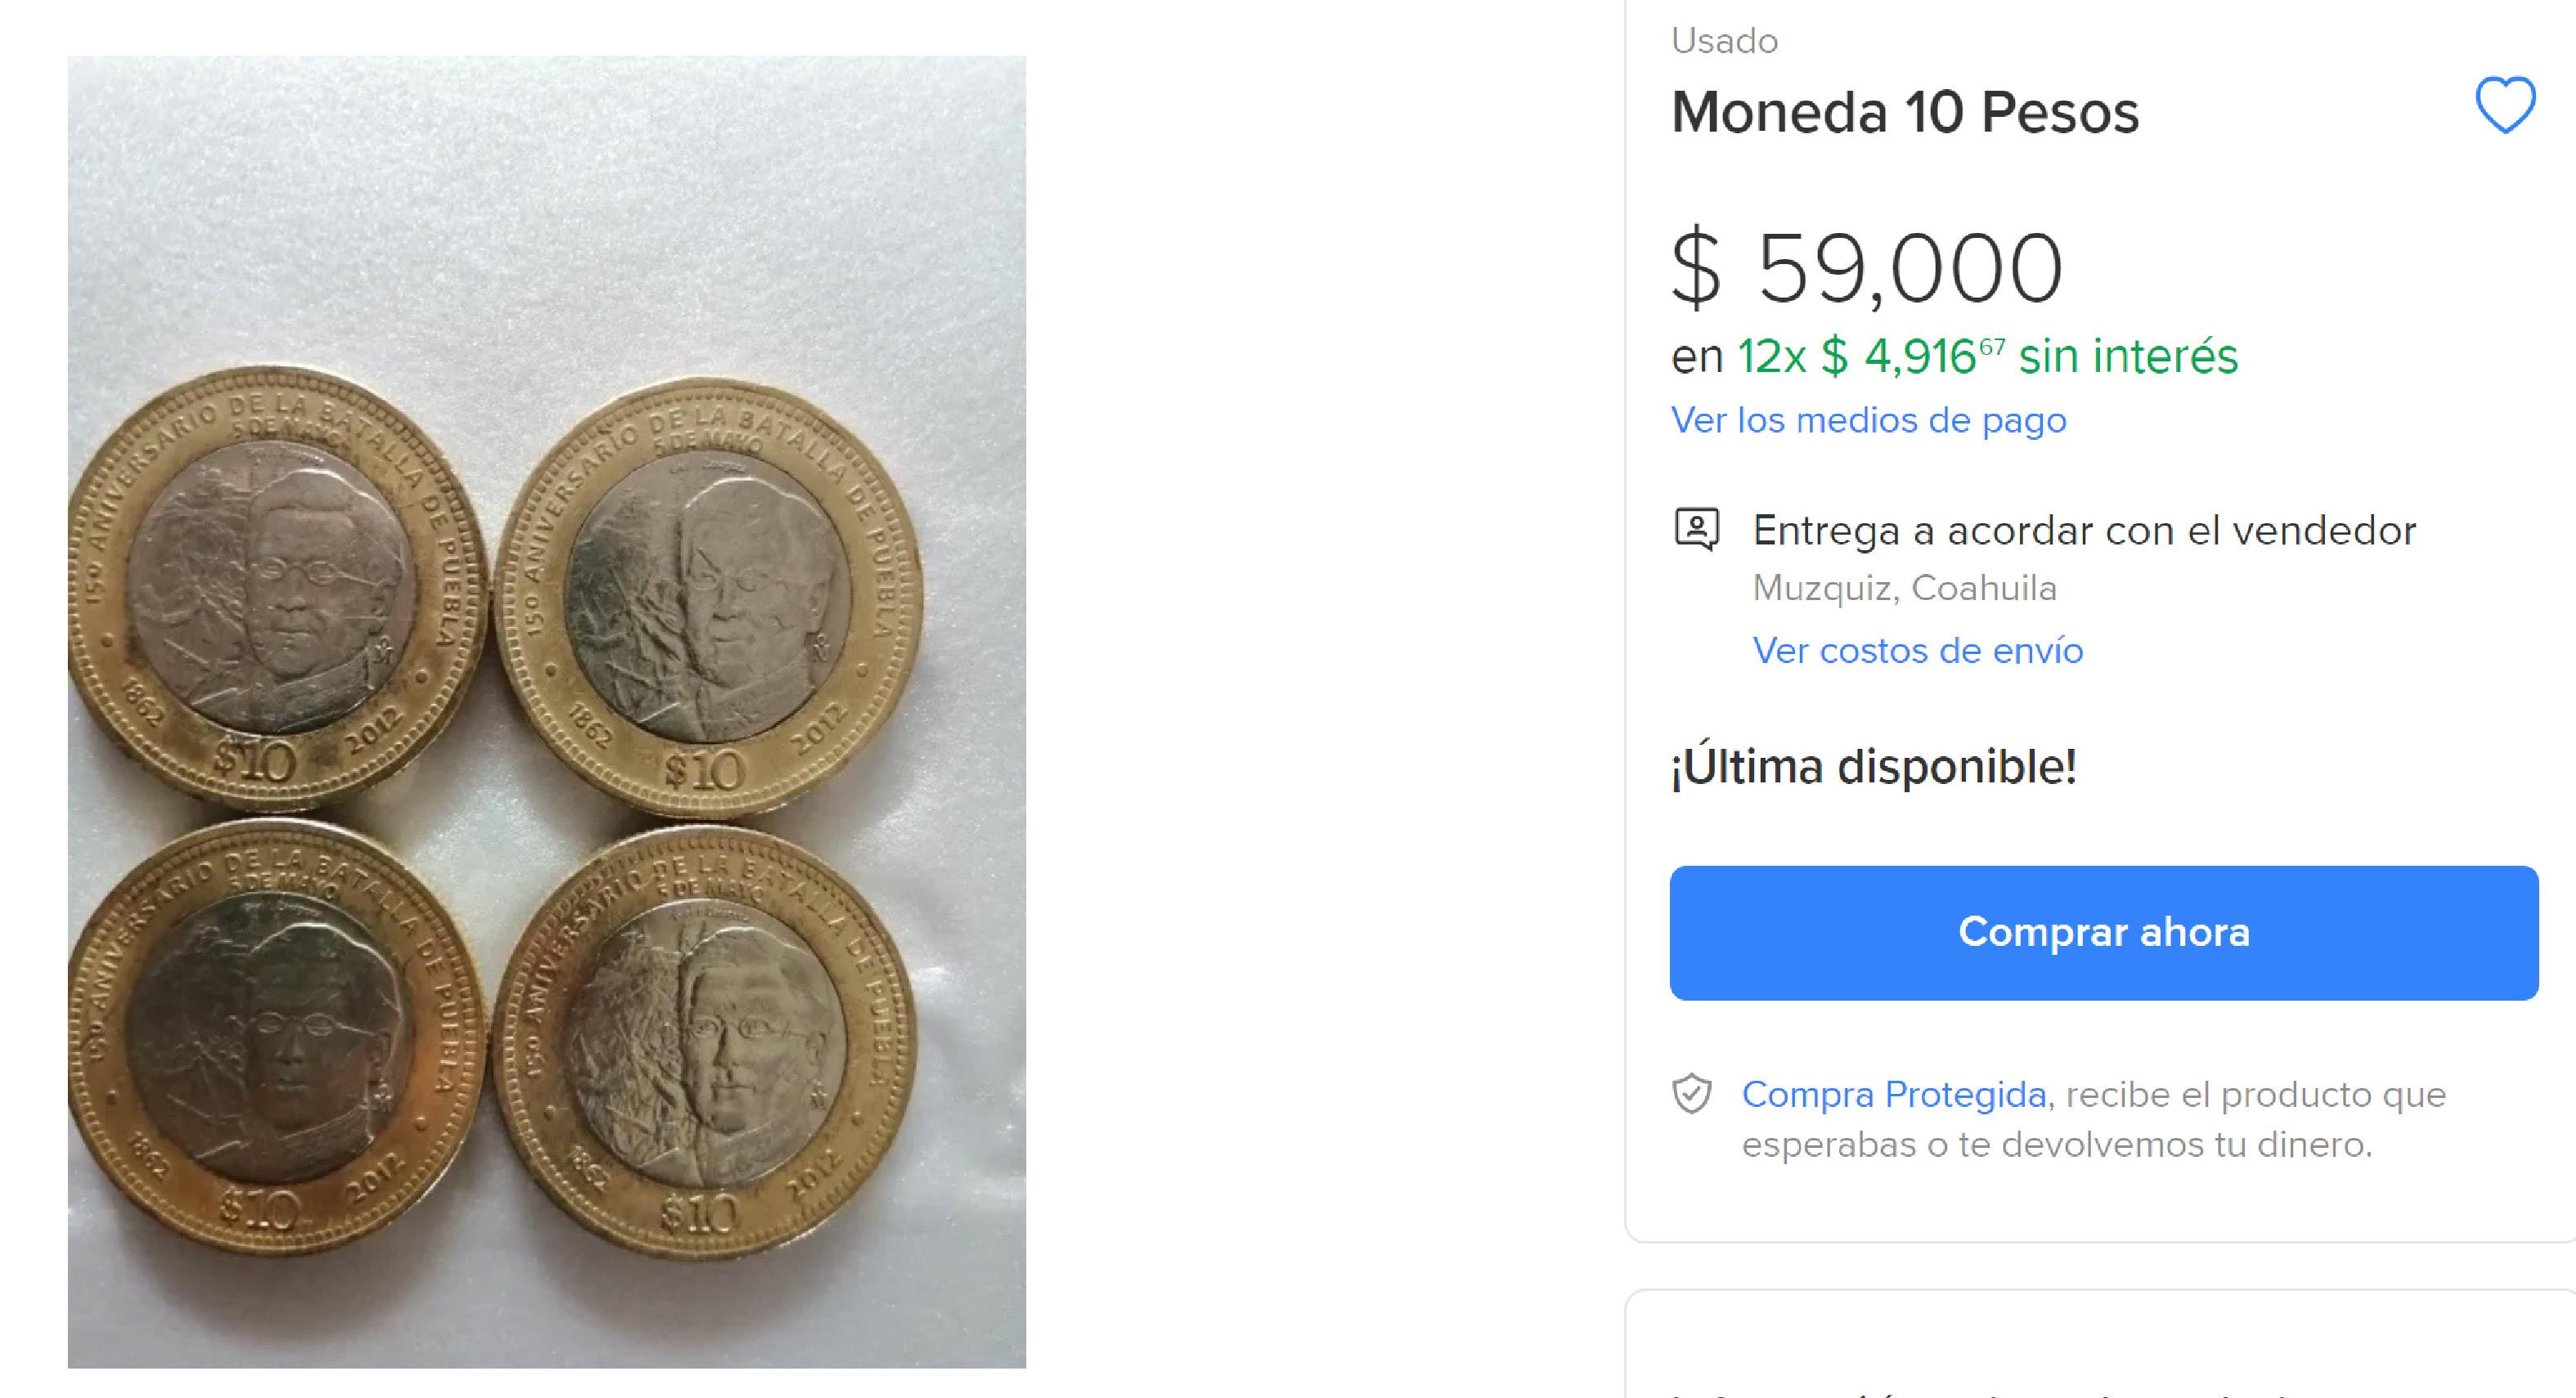 Moneda conmemorativa de 10 pesos de la Batalla de Puebla es vendida en 59 mil y 25 mil pesos